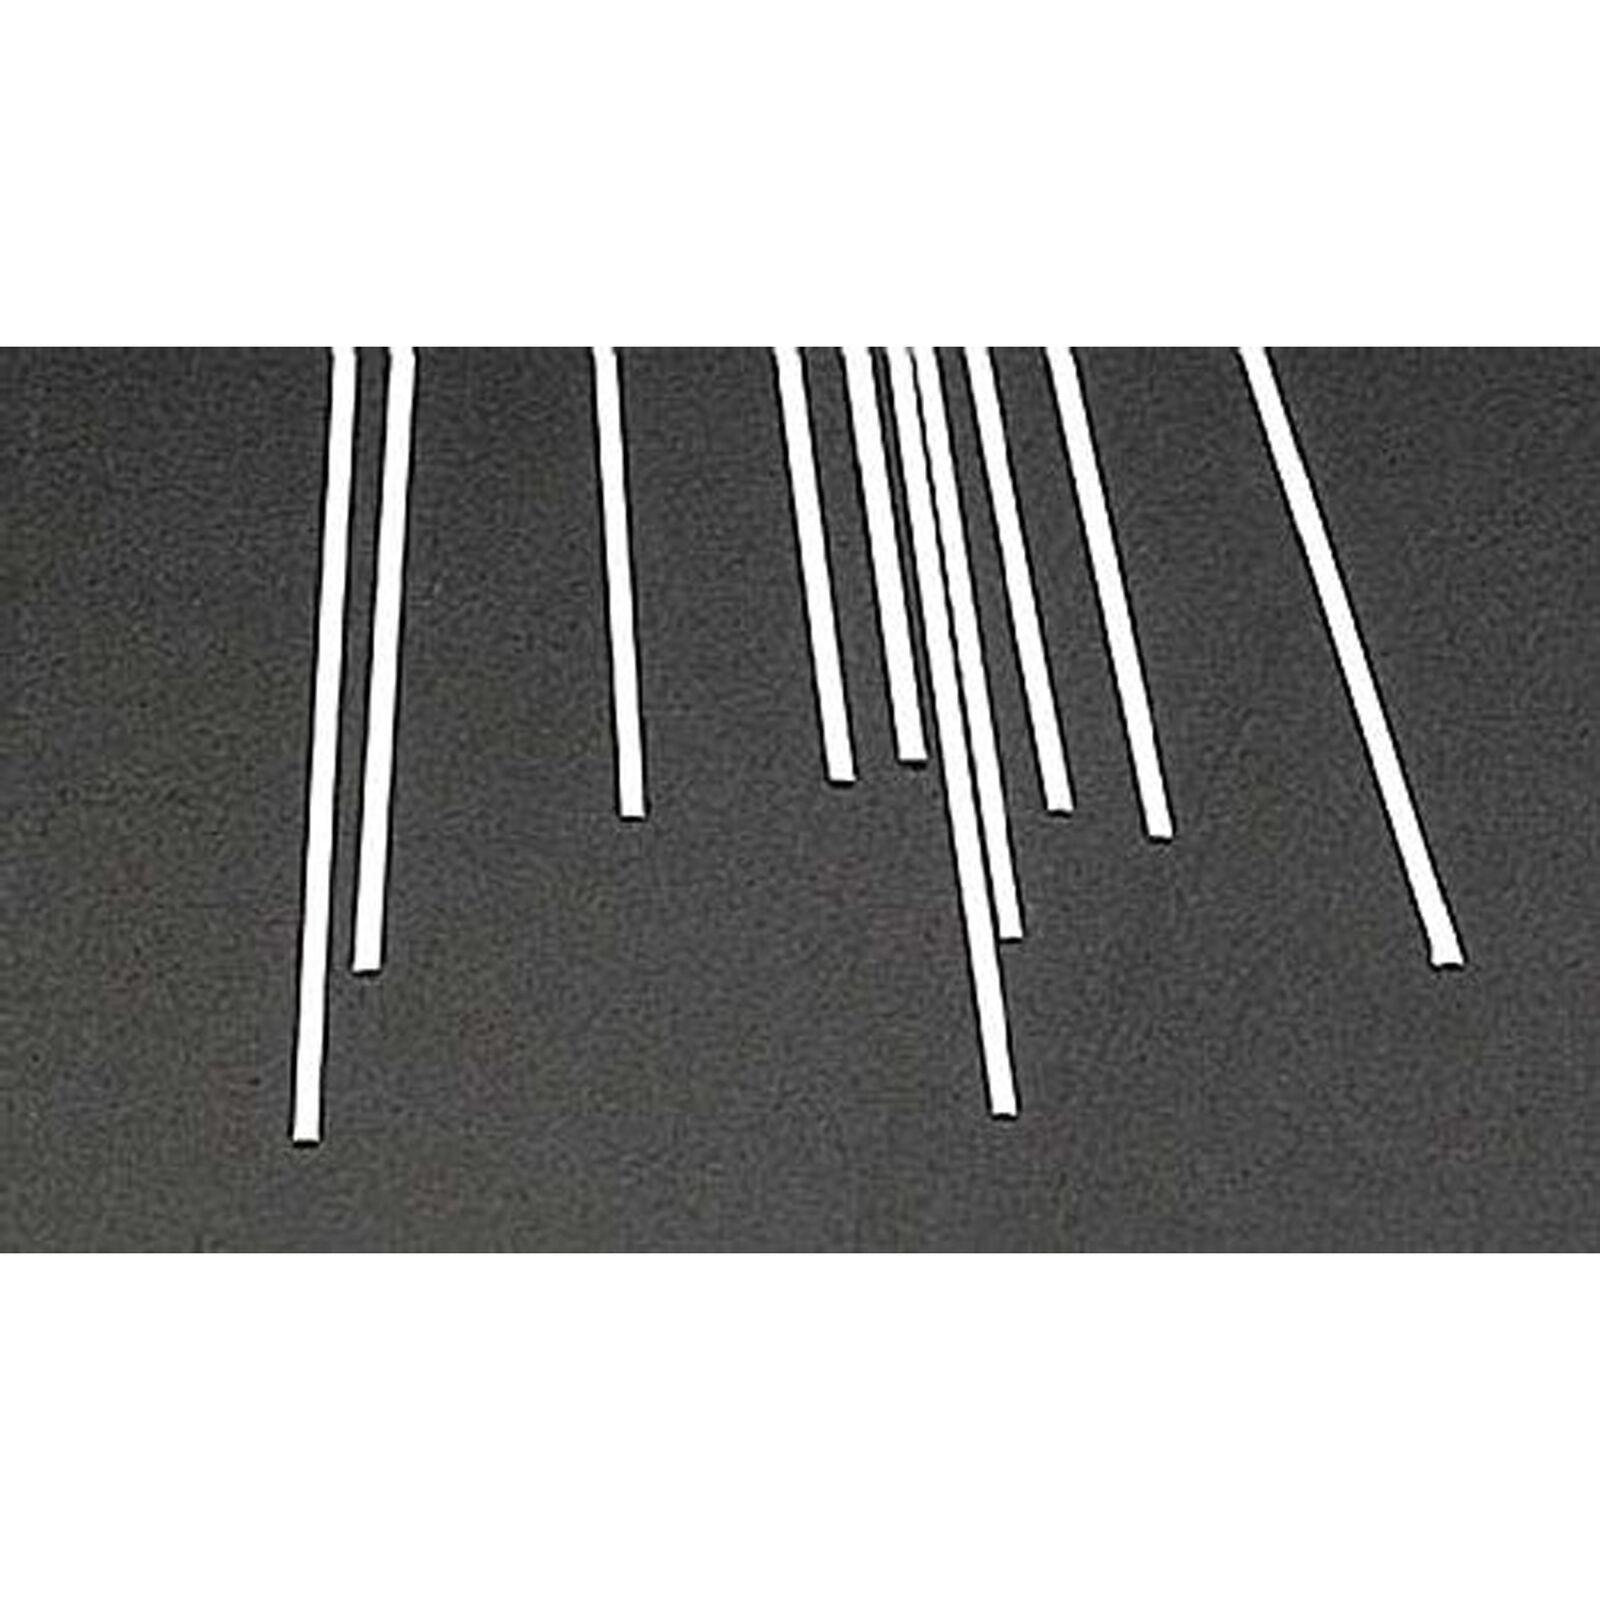 MS-104 Strip,.010 x .040 (10)